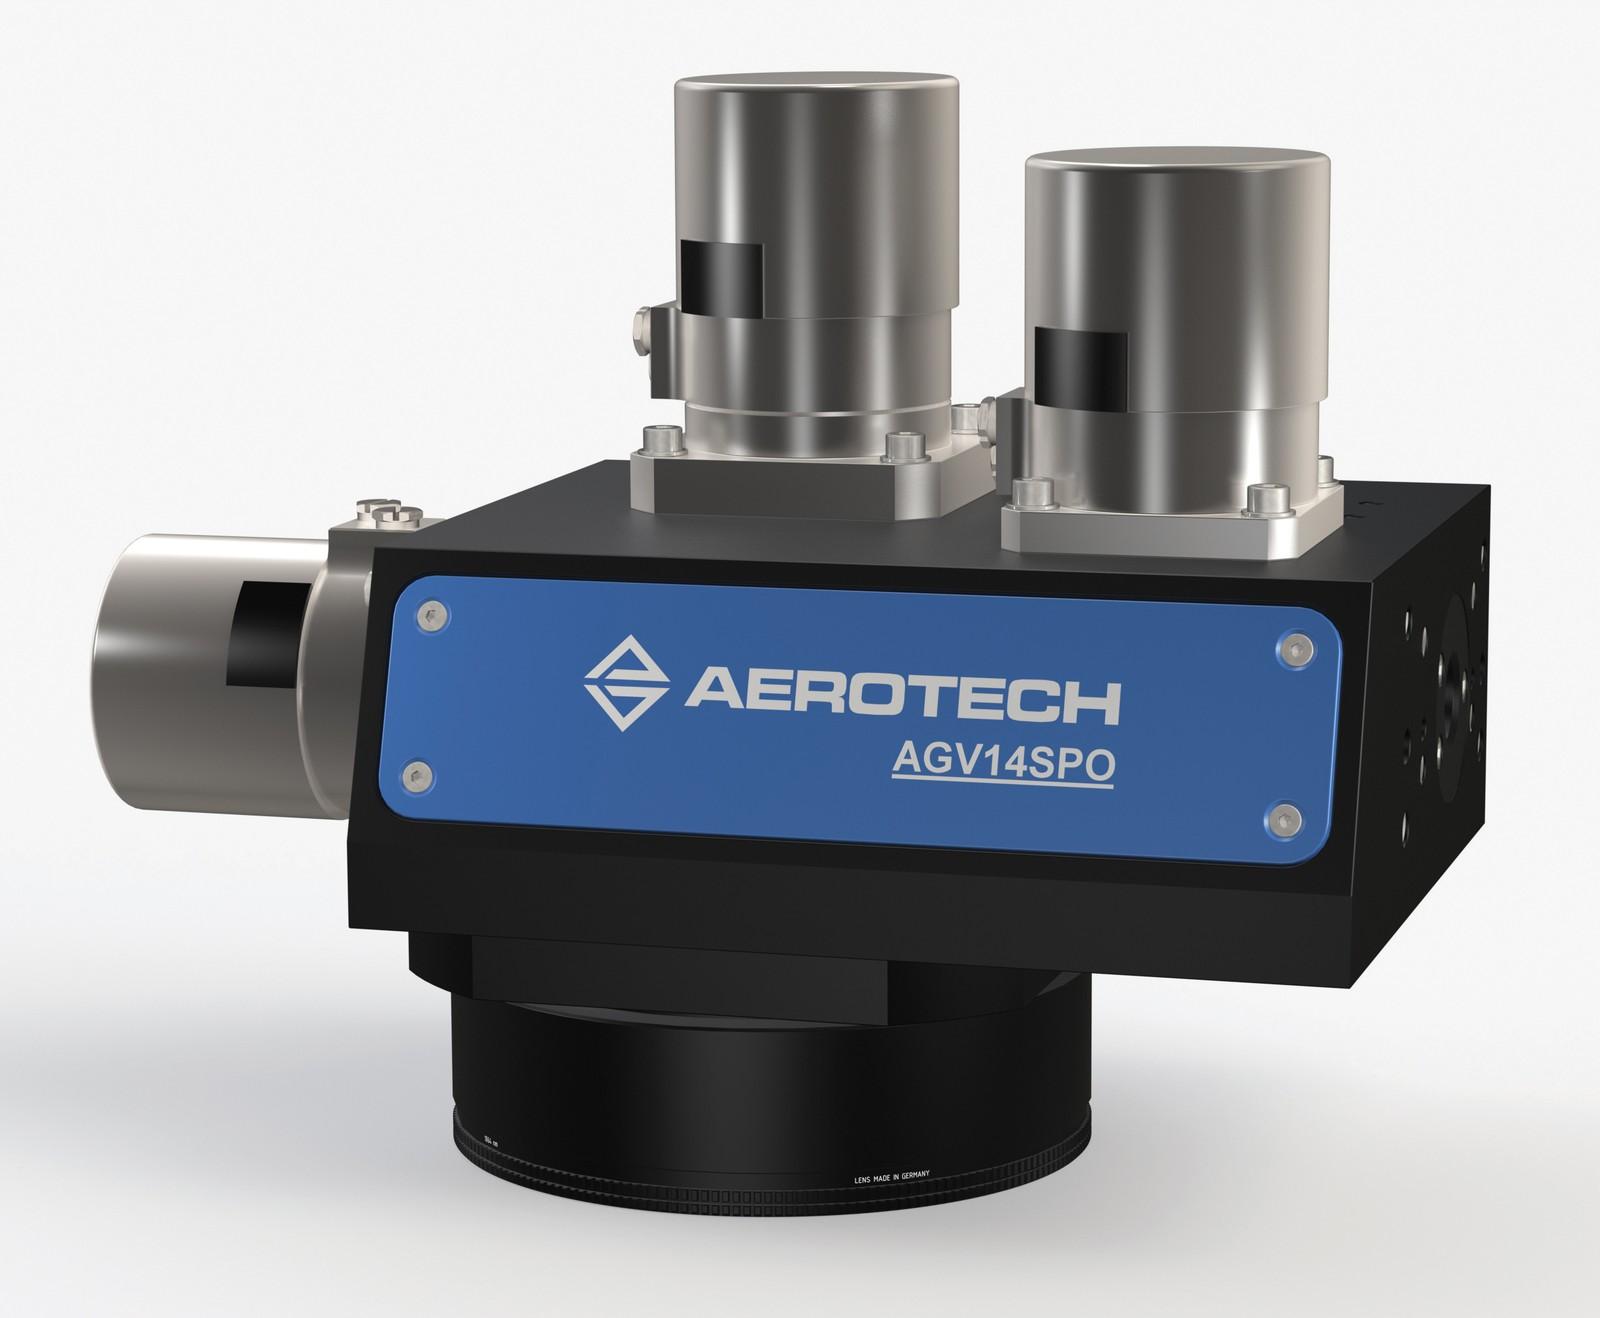 Der neue Galvo-Scanner AGV-SPO von Aerotech verfügt über ein Anwendungsspektrum von der additiven Fertigung bis zur Medizintechnik.